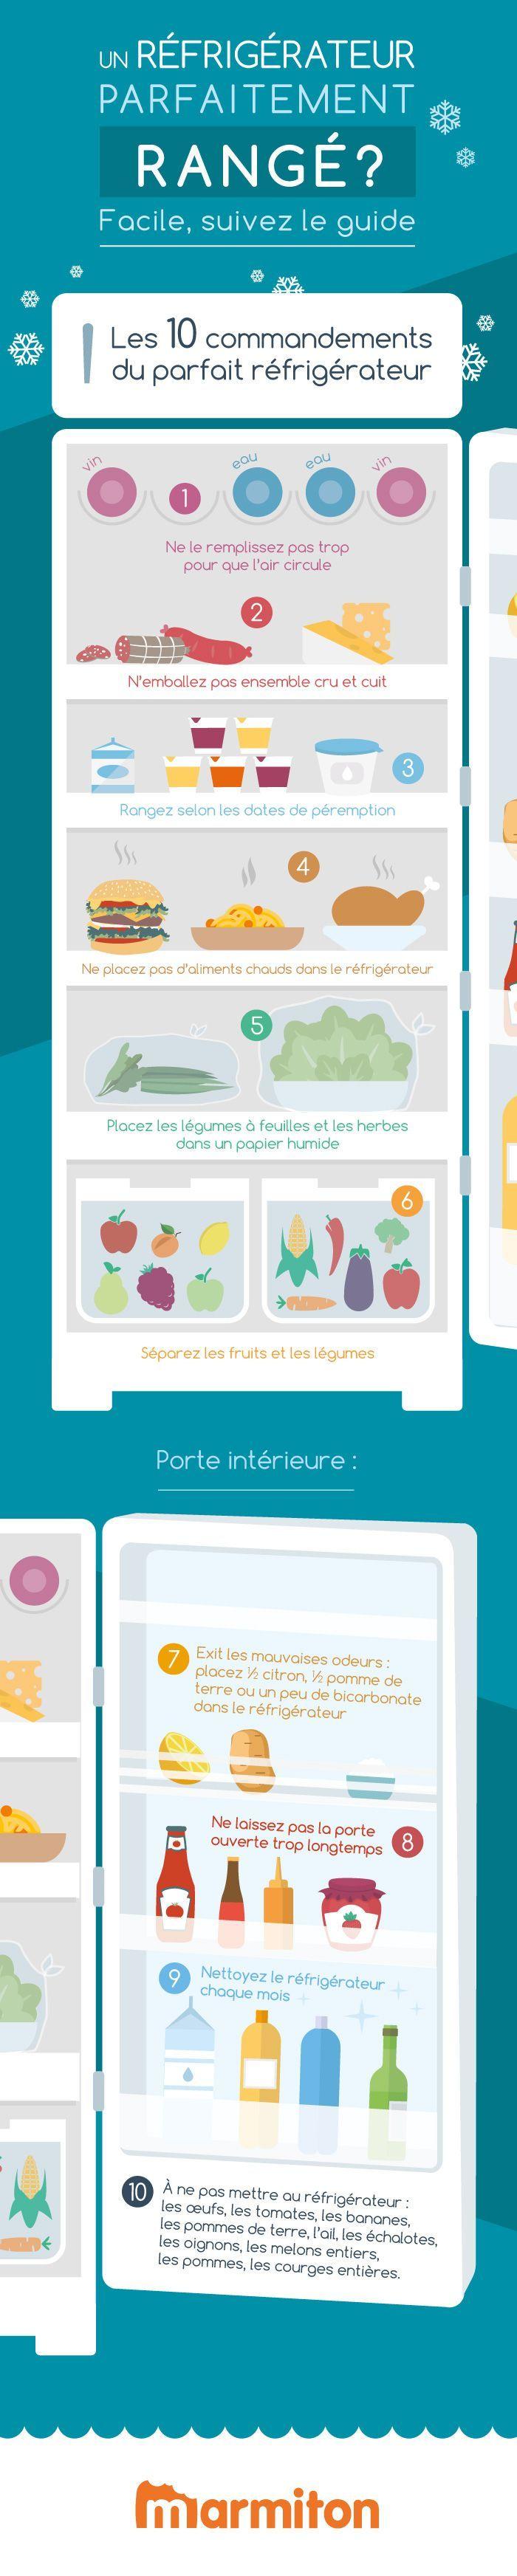 Infographie bien ranger son réfrigérateur, astuces pour ranger son frigo